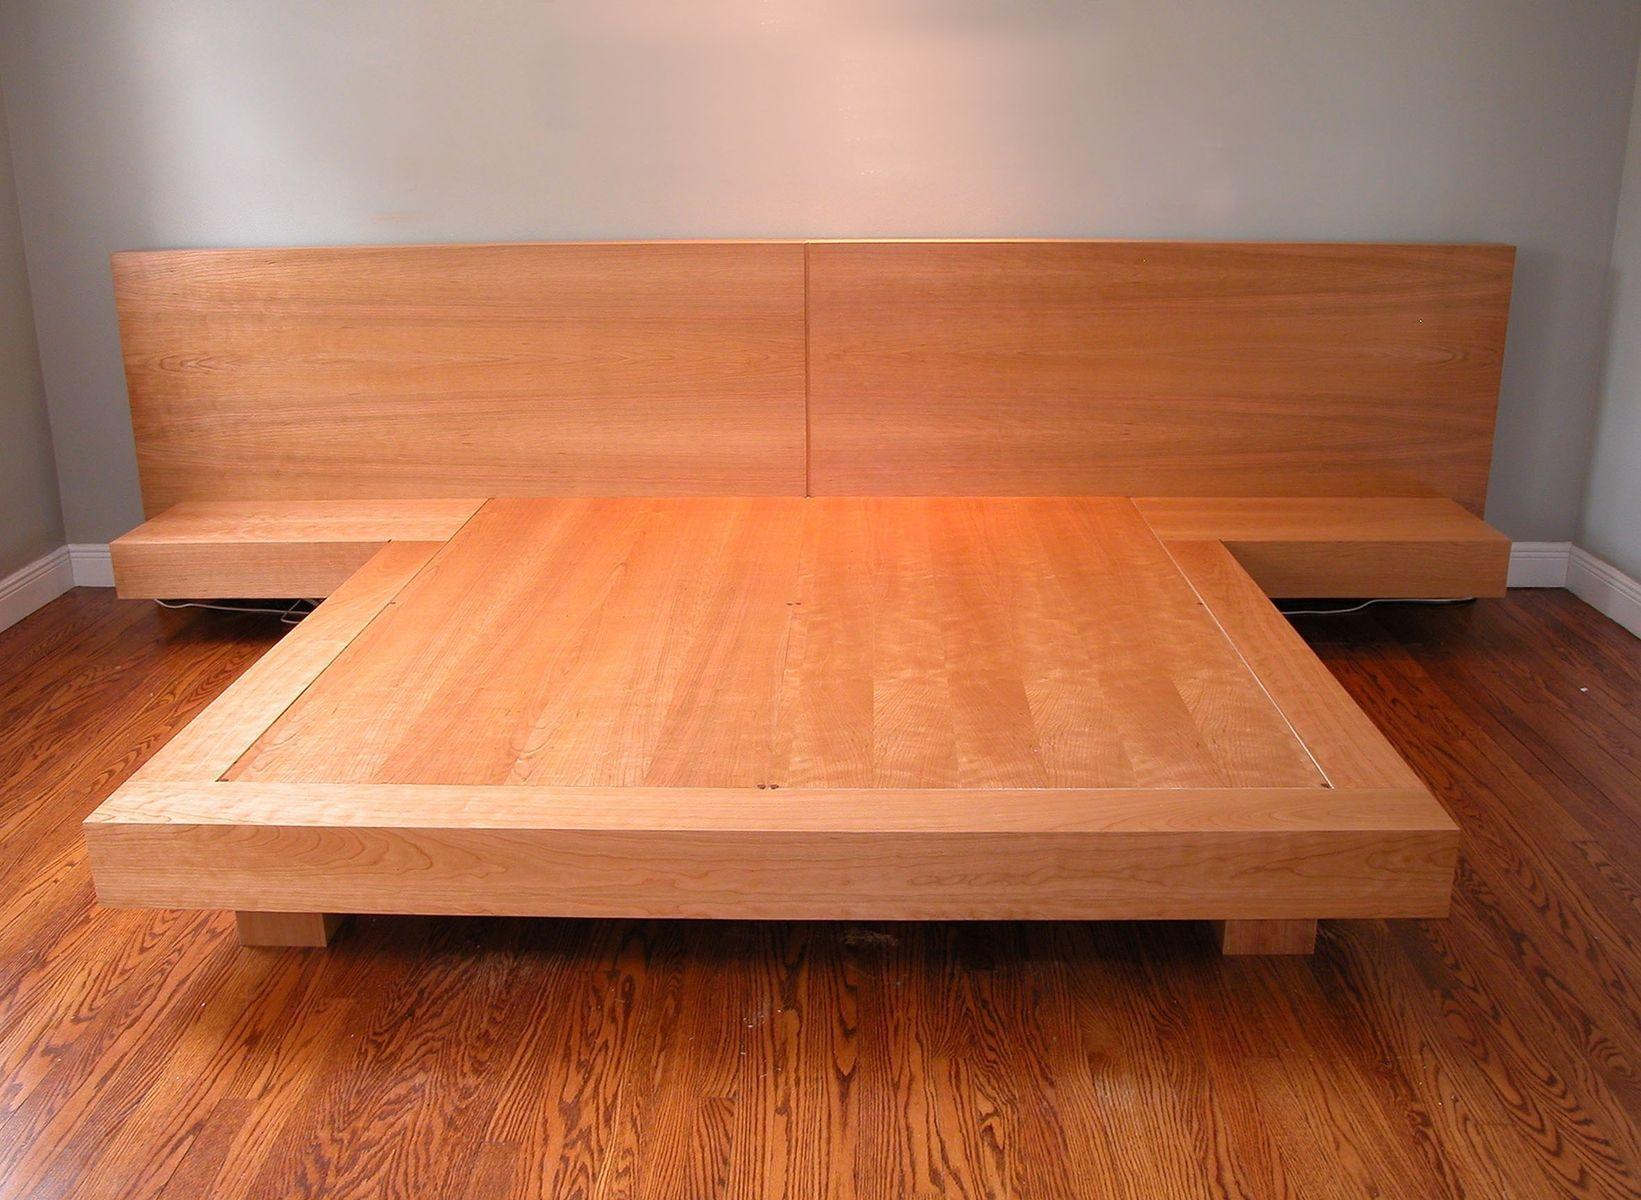 How To Build Platform Bed King Size Bed Frame Design Floating Bed Frame Platform Bed Plans